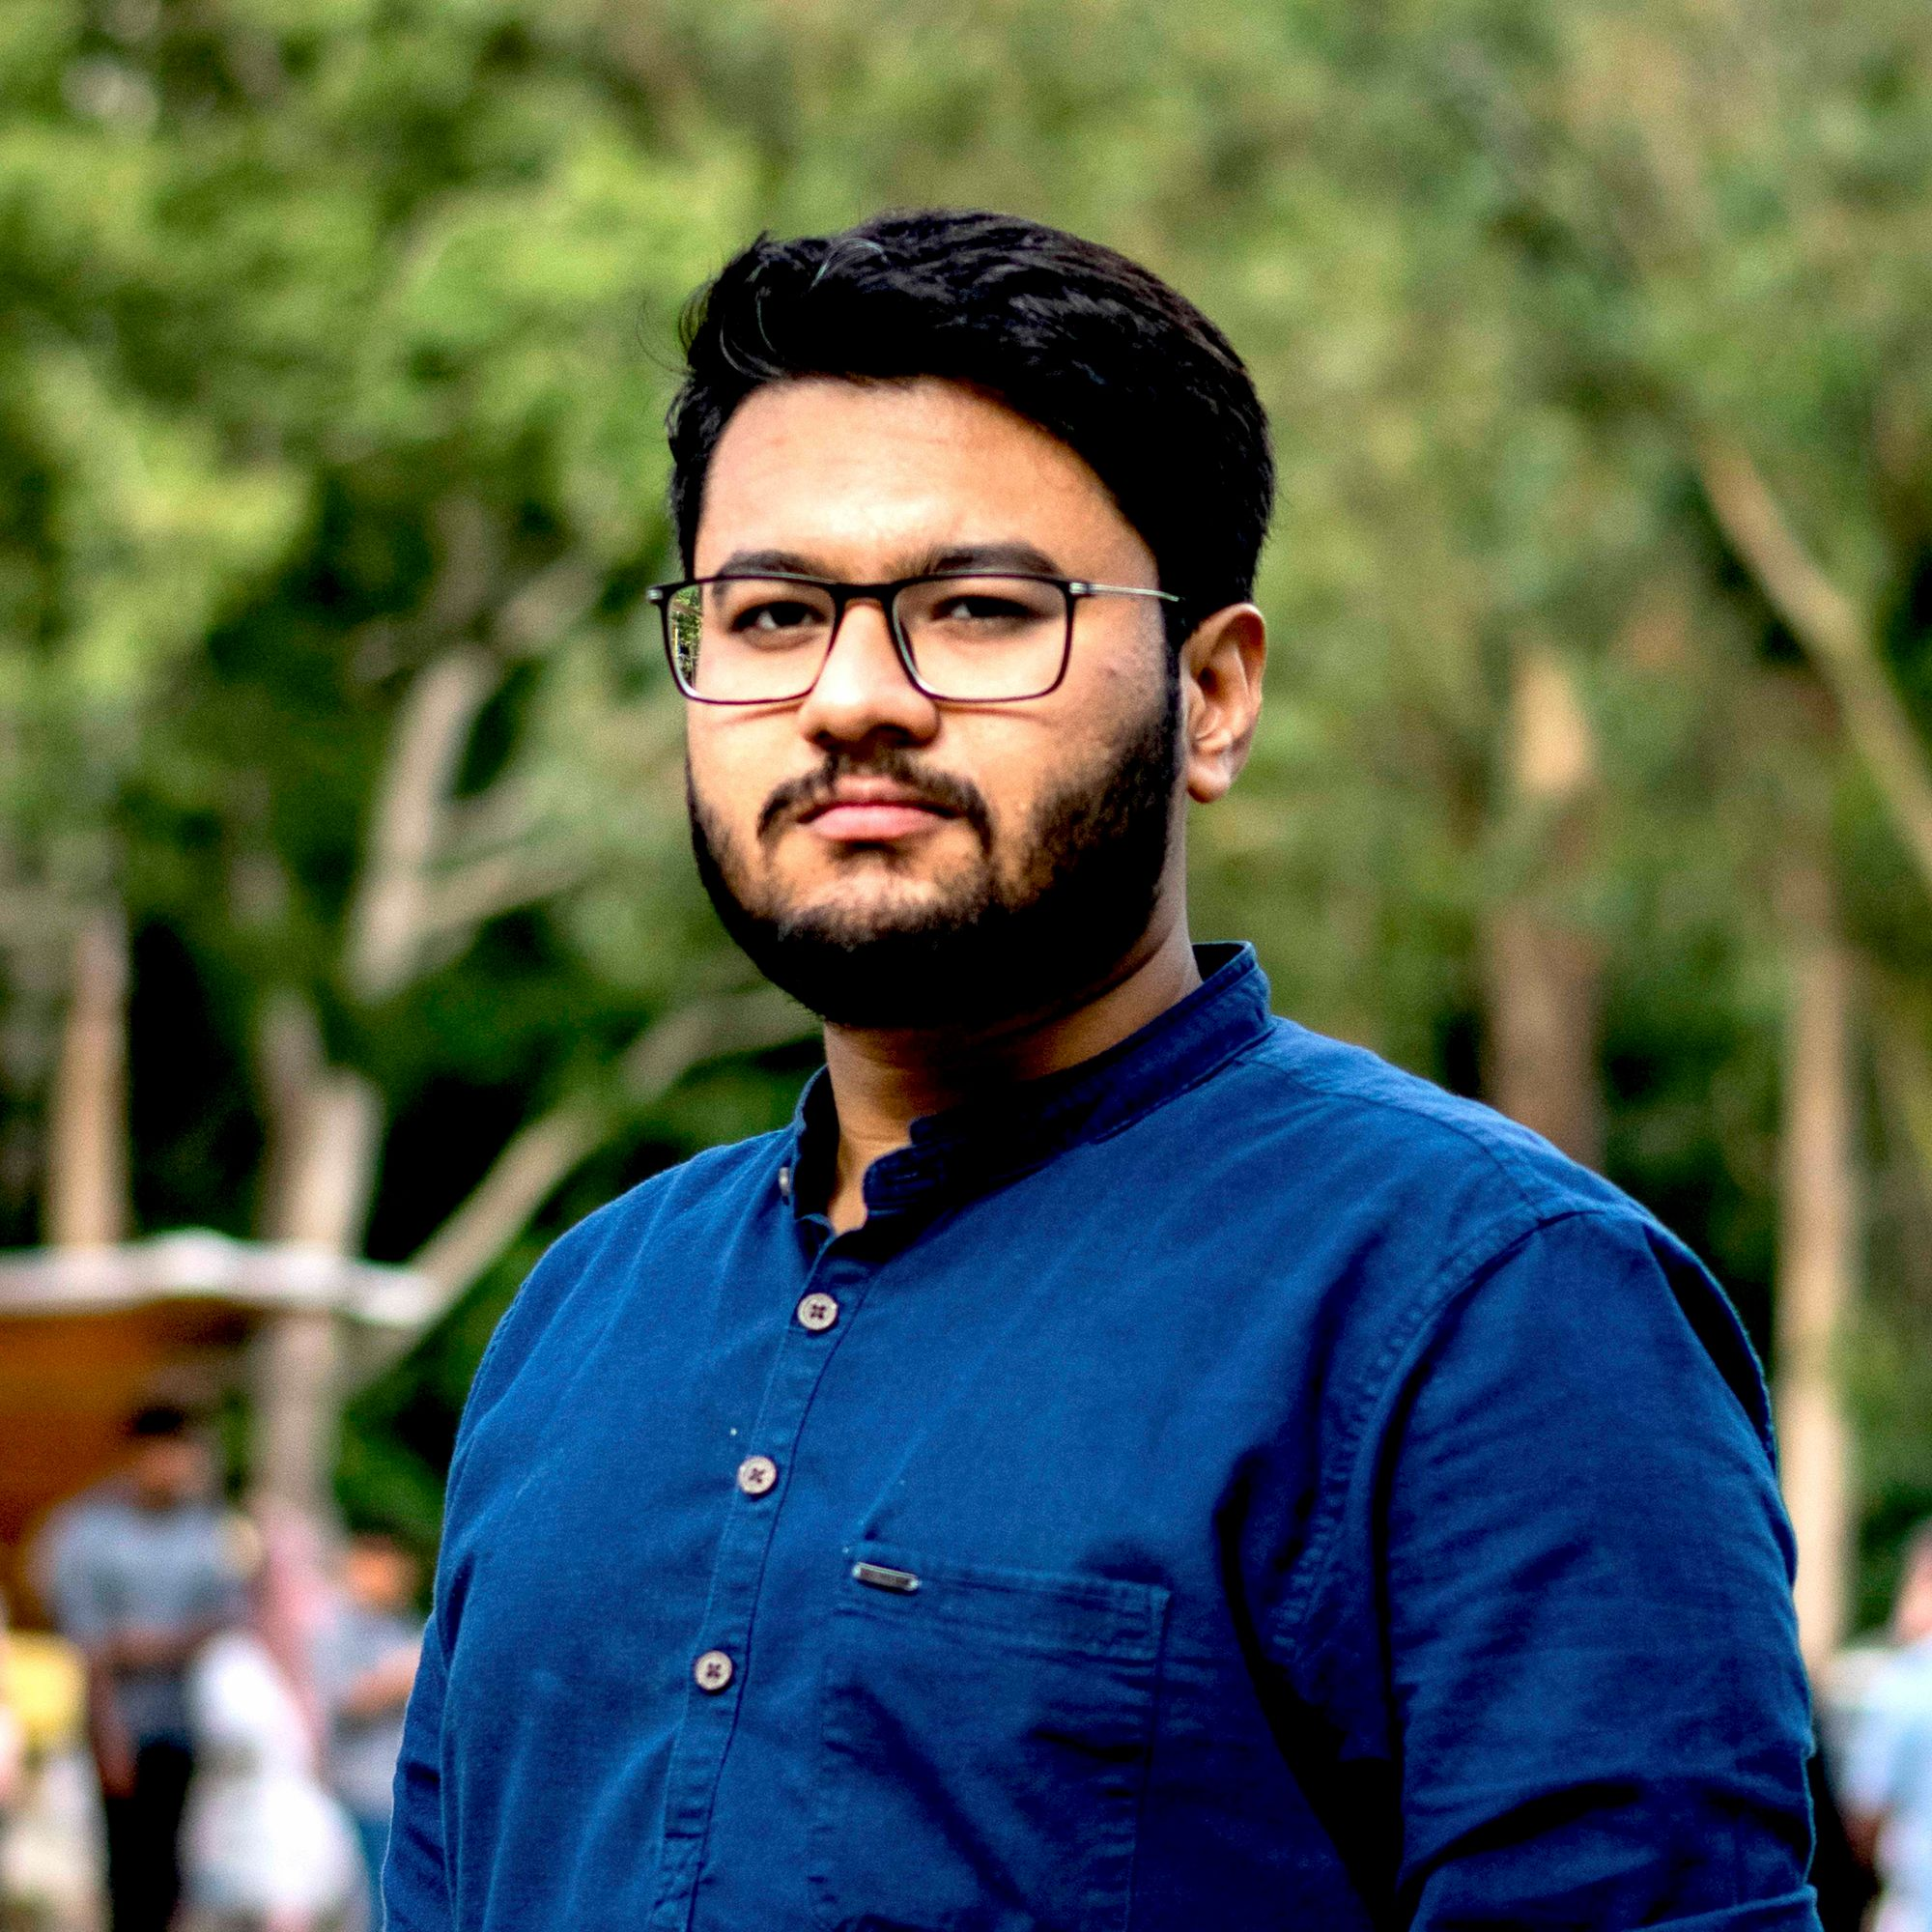 Sufyan M. Shaikh